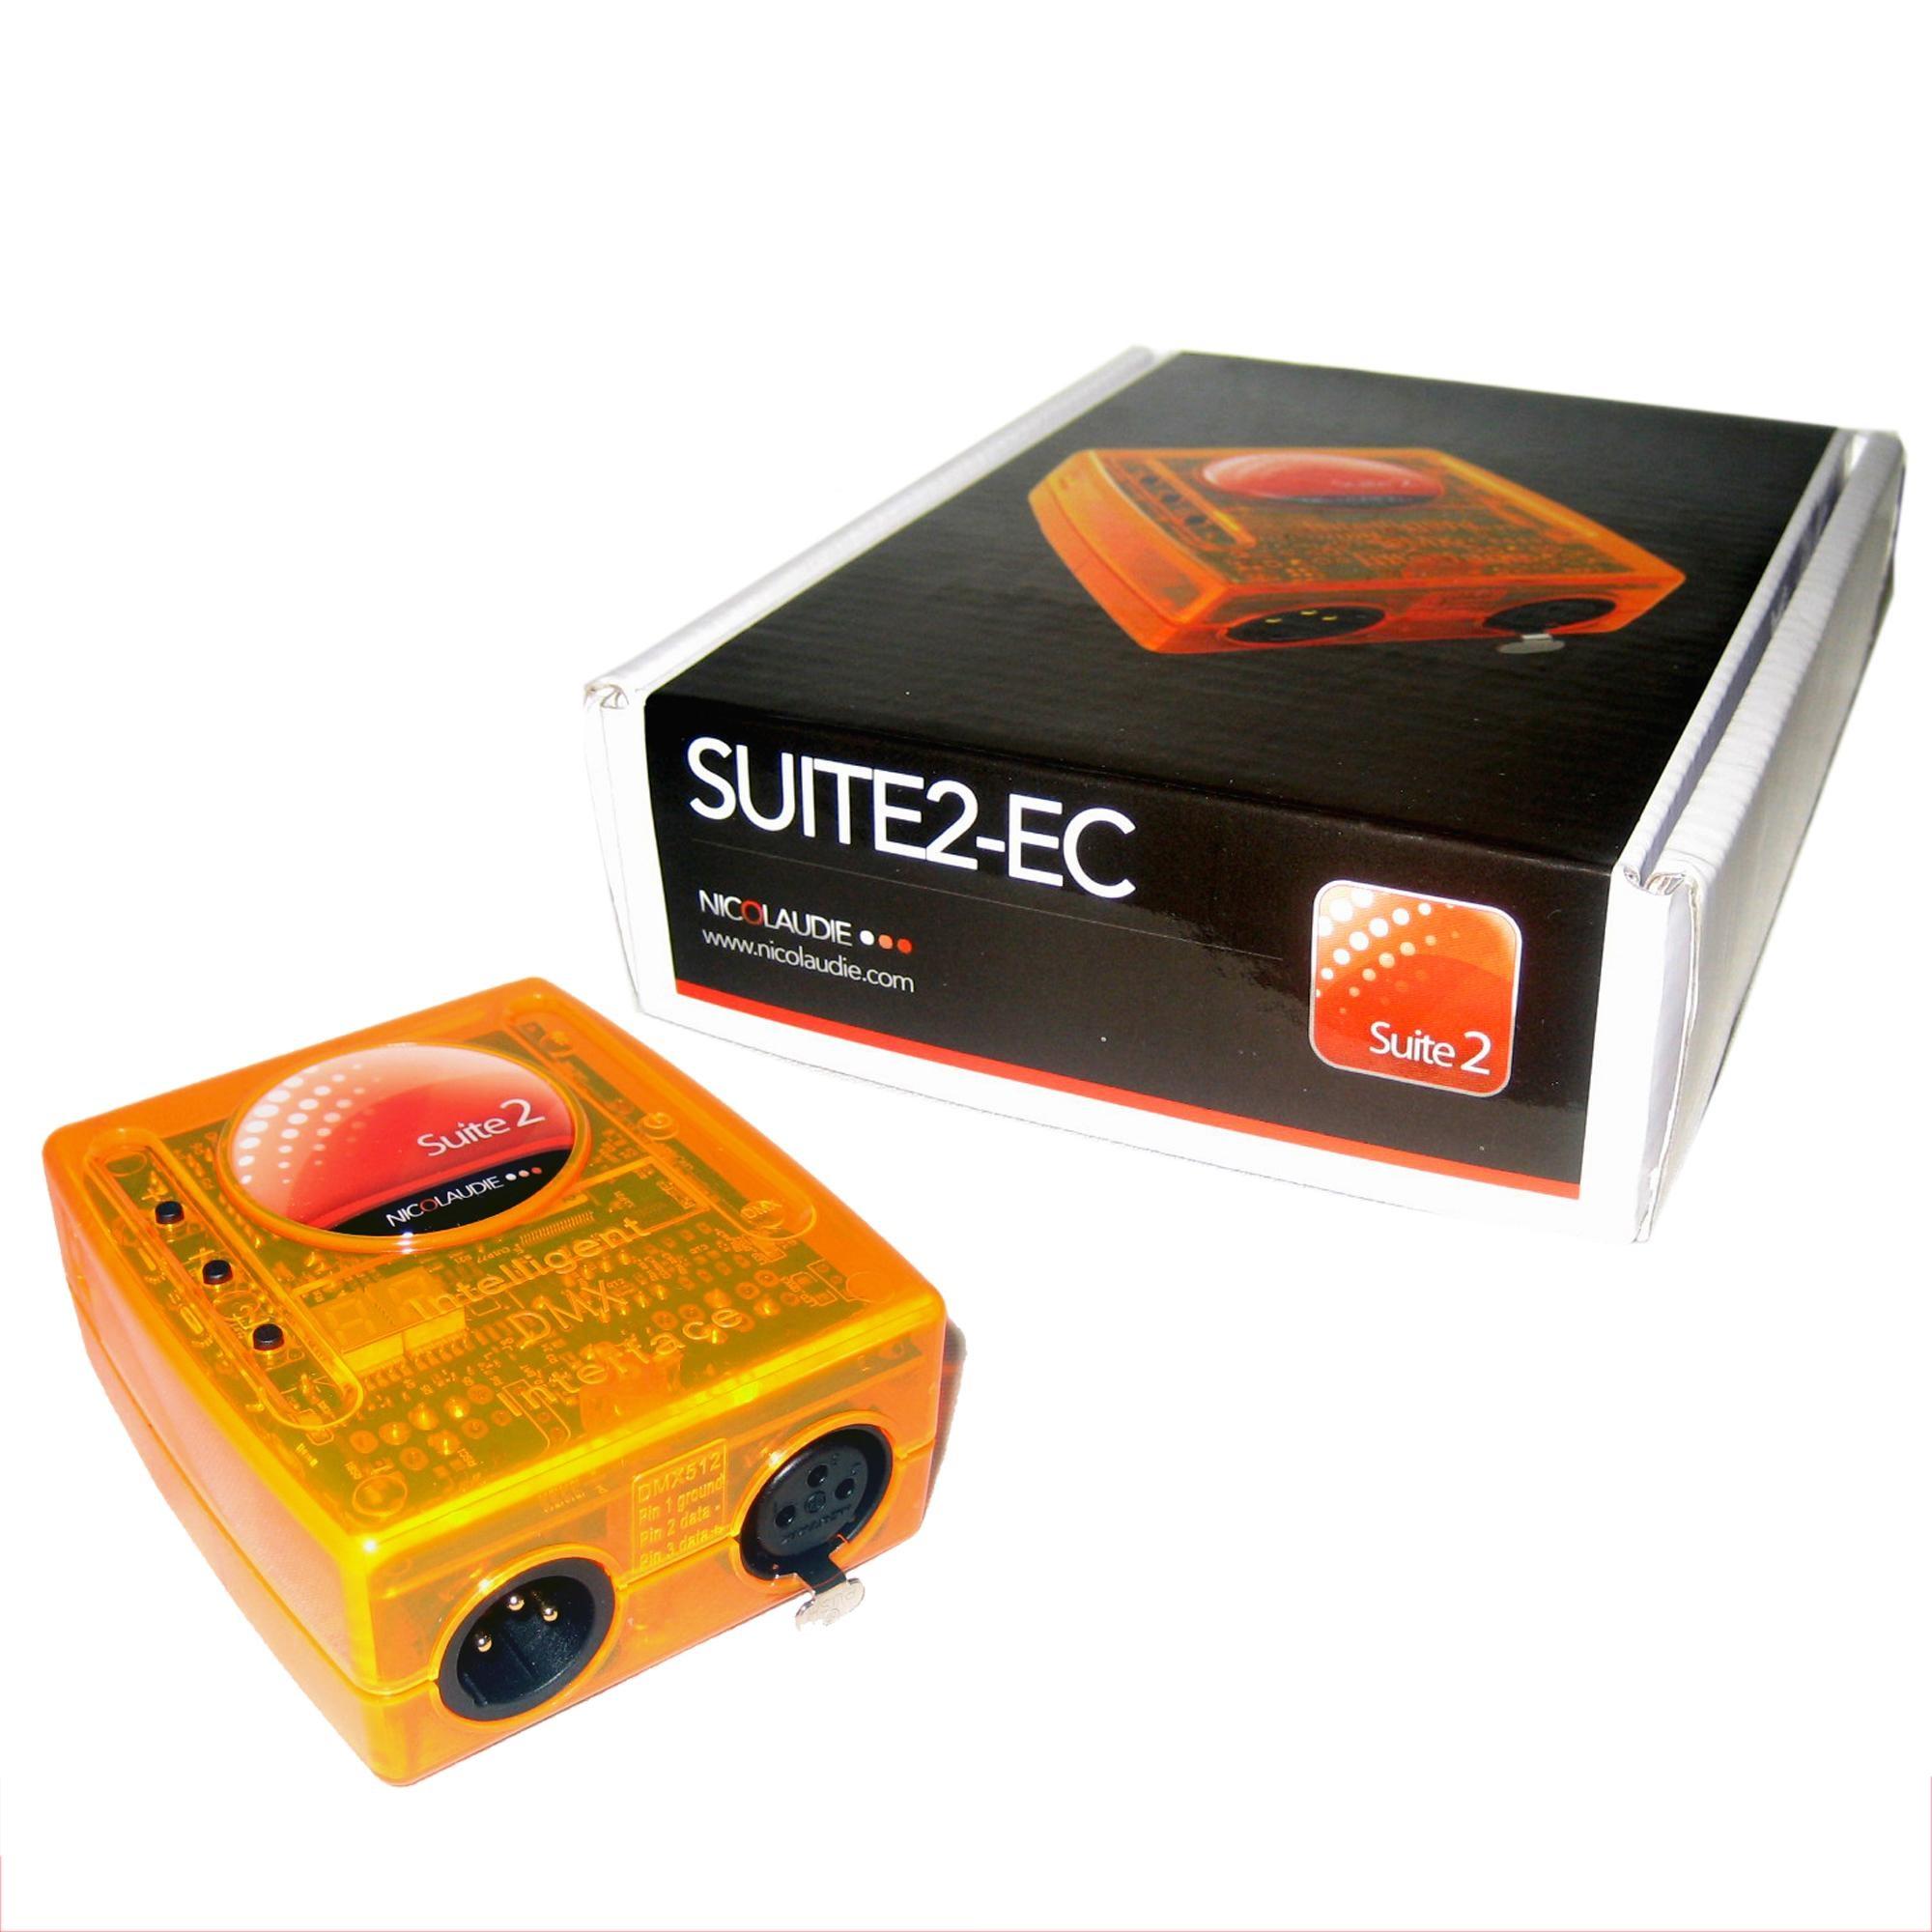 SUNLITE SUITE 2EC e1565540210997